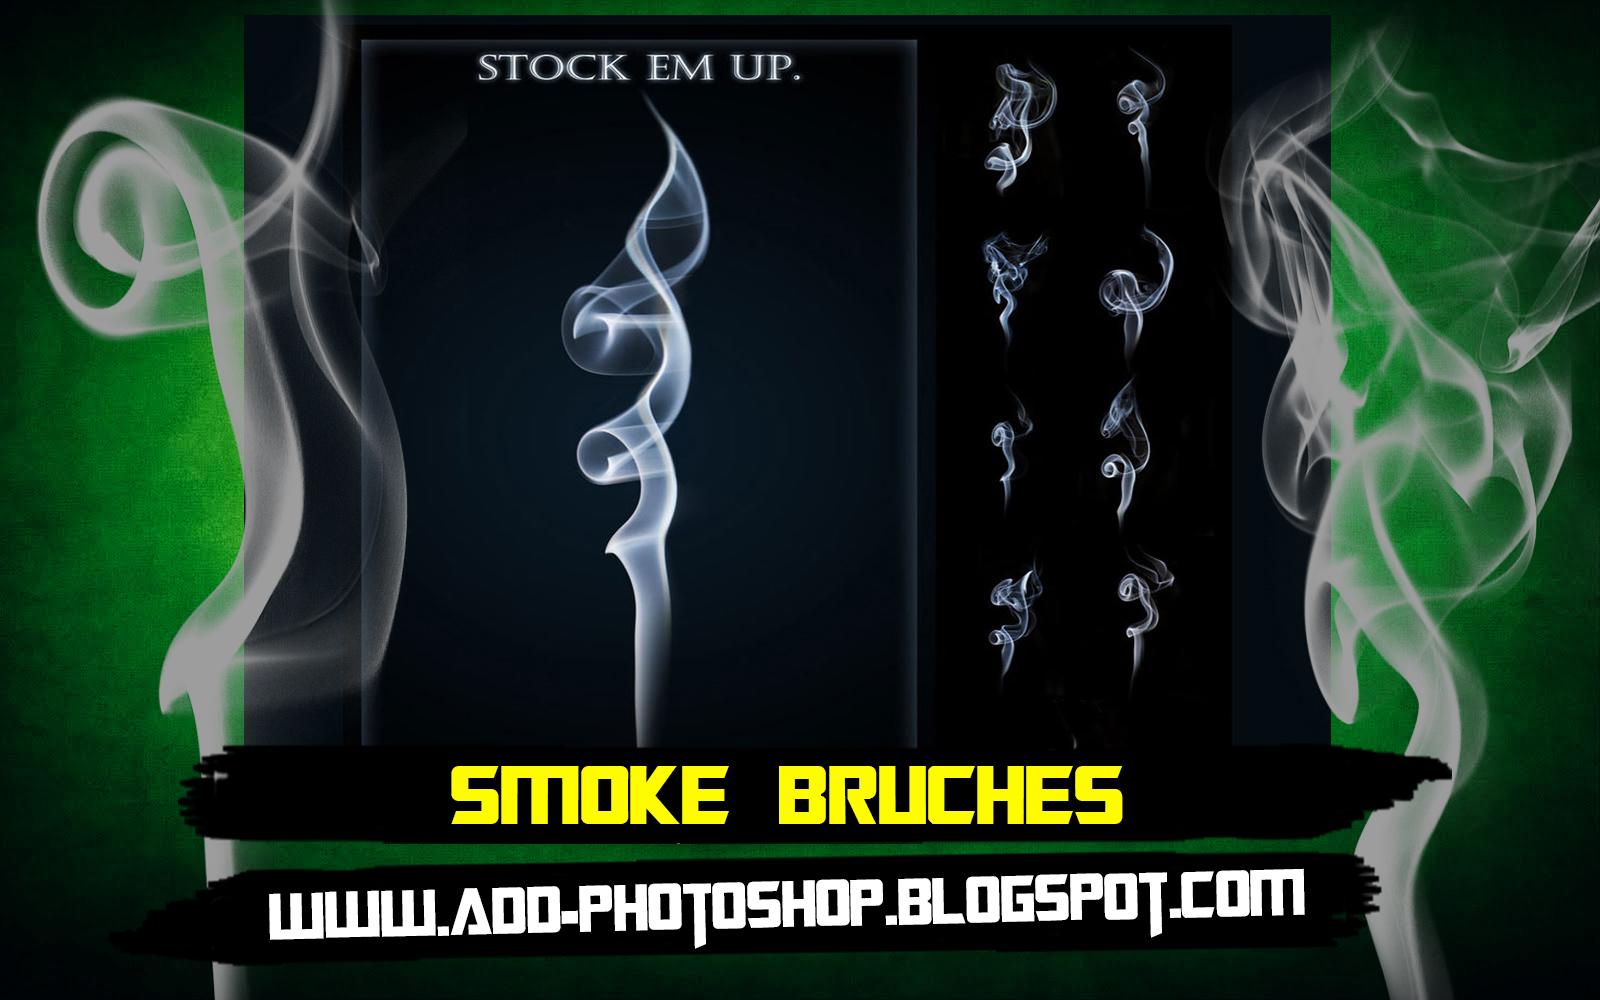 http://1.bp.blogspot.com/-6RaMnZEzVDc/UUyqxljjY3I/AAAAAAAAAbM/F5fGLldaN6Y/s1600/smoke+brushes.jpg